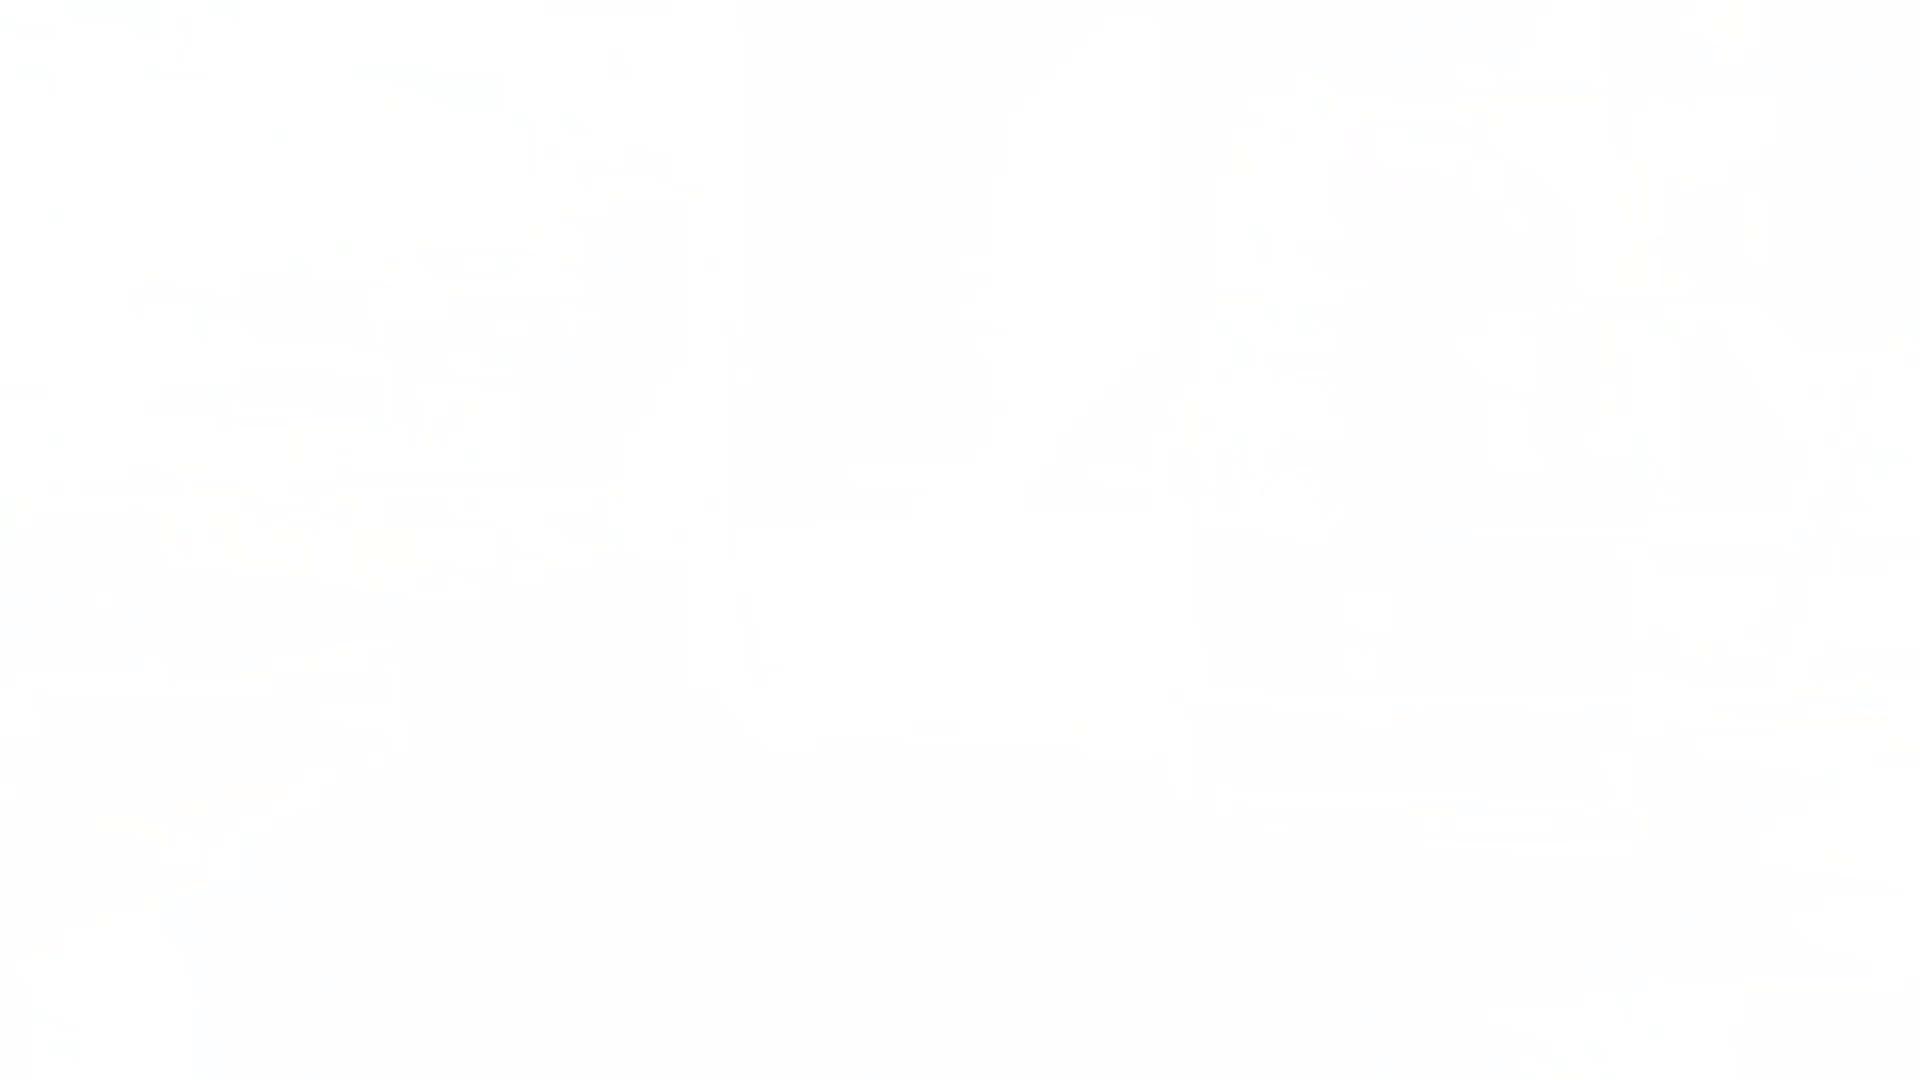 BONADE Columna de Duchas Conjunto de Ducha sin Grifo Sistema de Ducha para Baño con Ducha de Lluvia Rectángulo y 3 Funciones Ducha de Mano, Barra de Ducha Ajustable, Agua Fría y